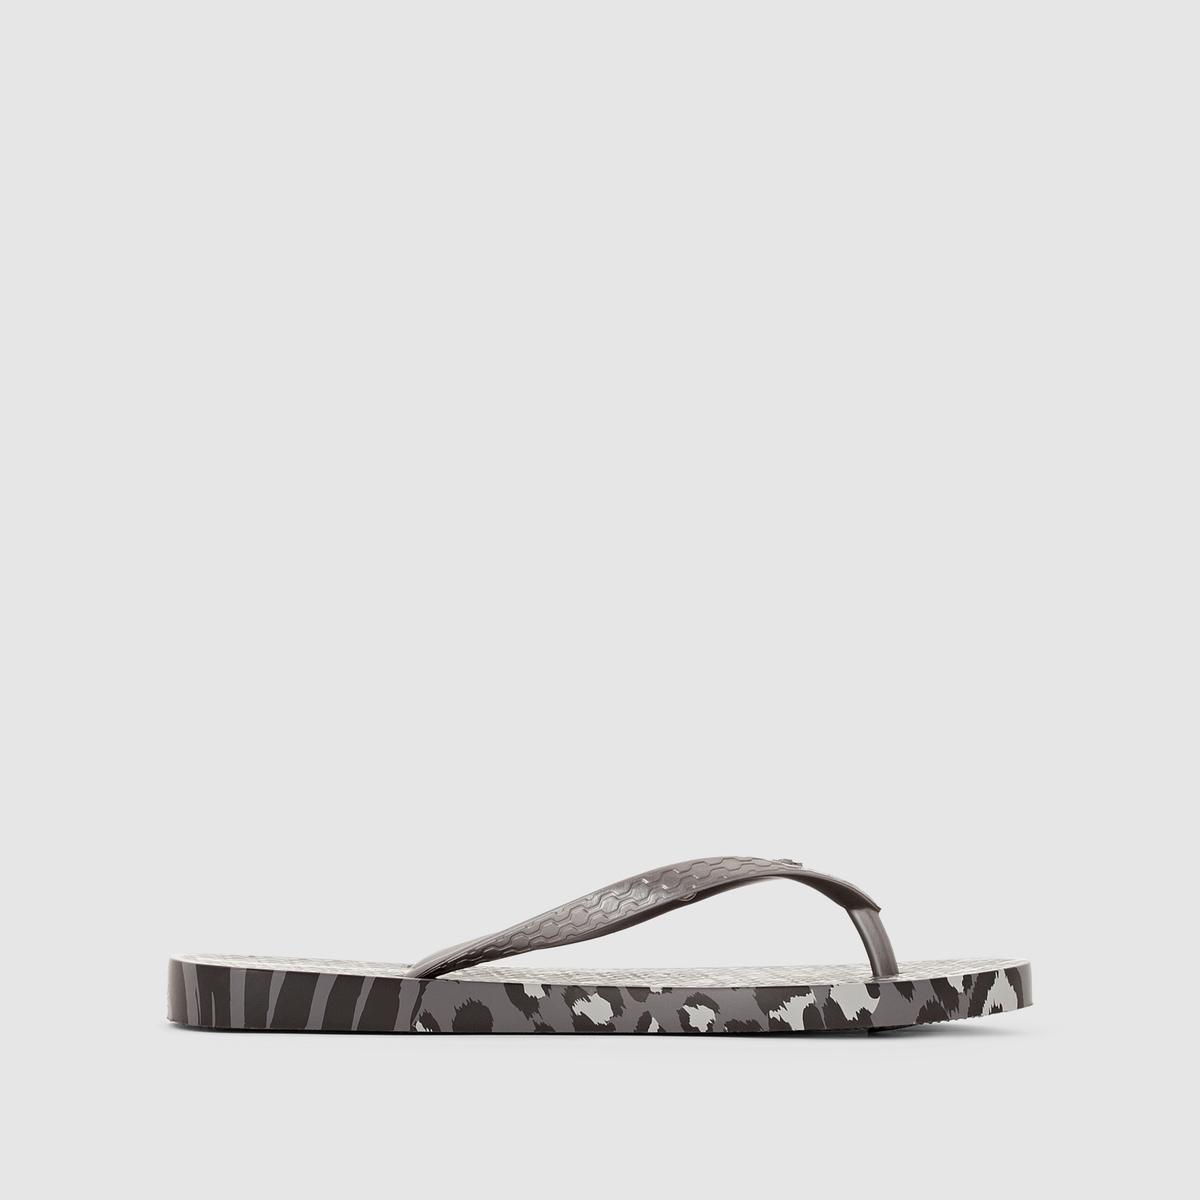 Вьетнамки Animal Print II FemВерх/Голенище : каучук   Стелька : каучук   Подошва : каучук   Форма каблука : плоский каблук   Мысок : открытый мысок   Застежка : без застежки<br><br>Цвет: рисунок леопард/черный